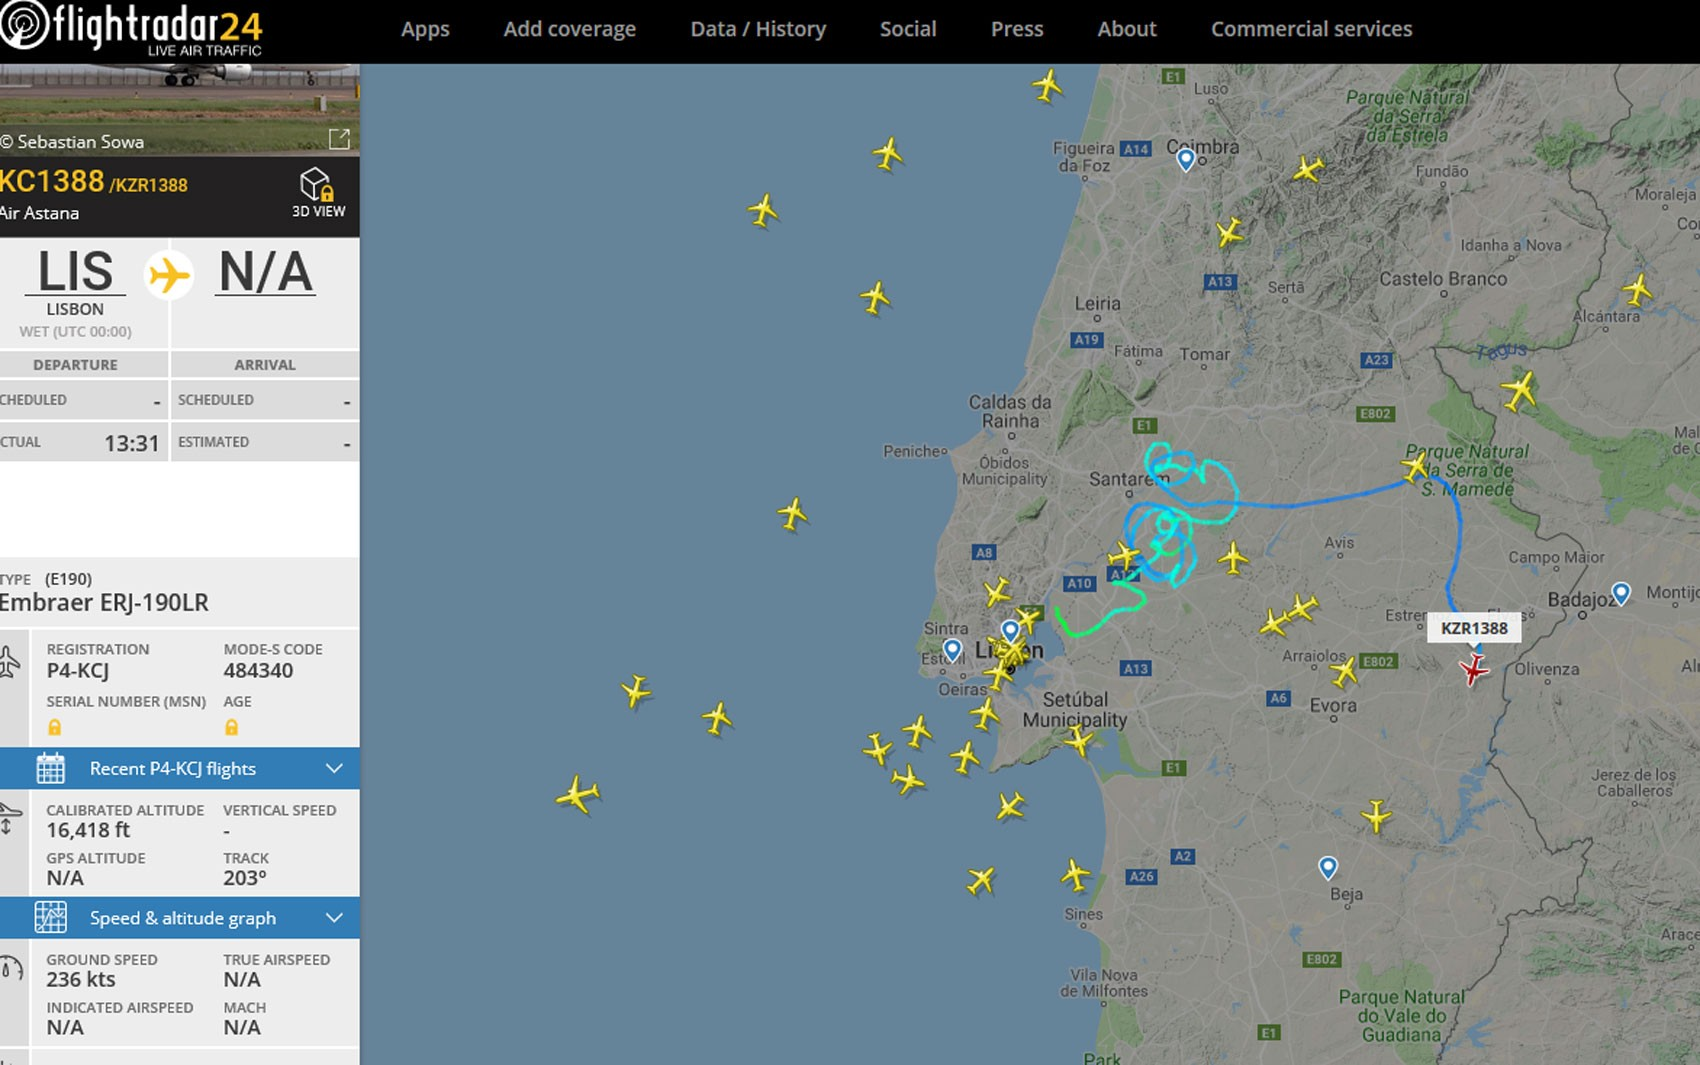 Acompanhado por caças, avião pousa com segurança em Portugal após declarar emergência no ar